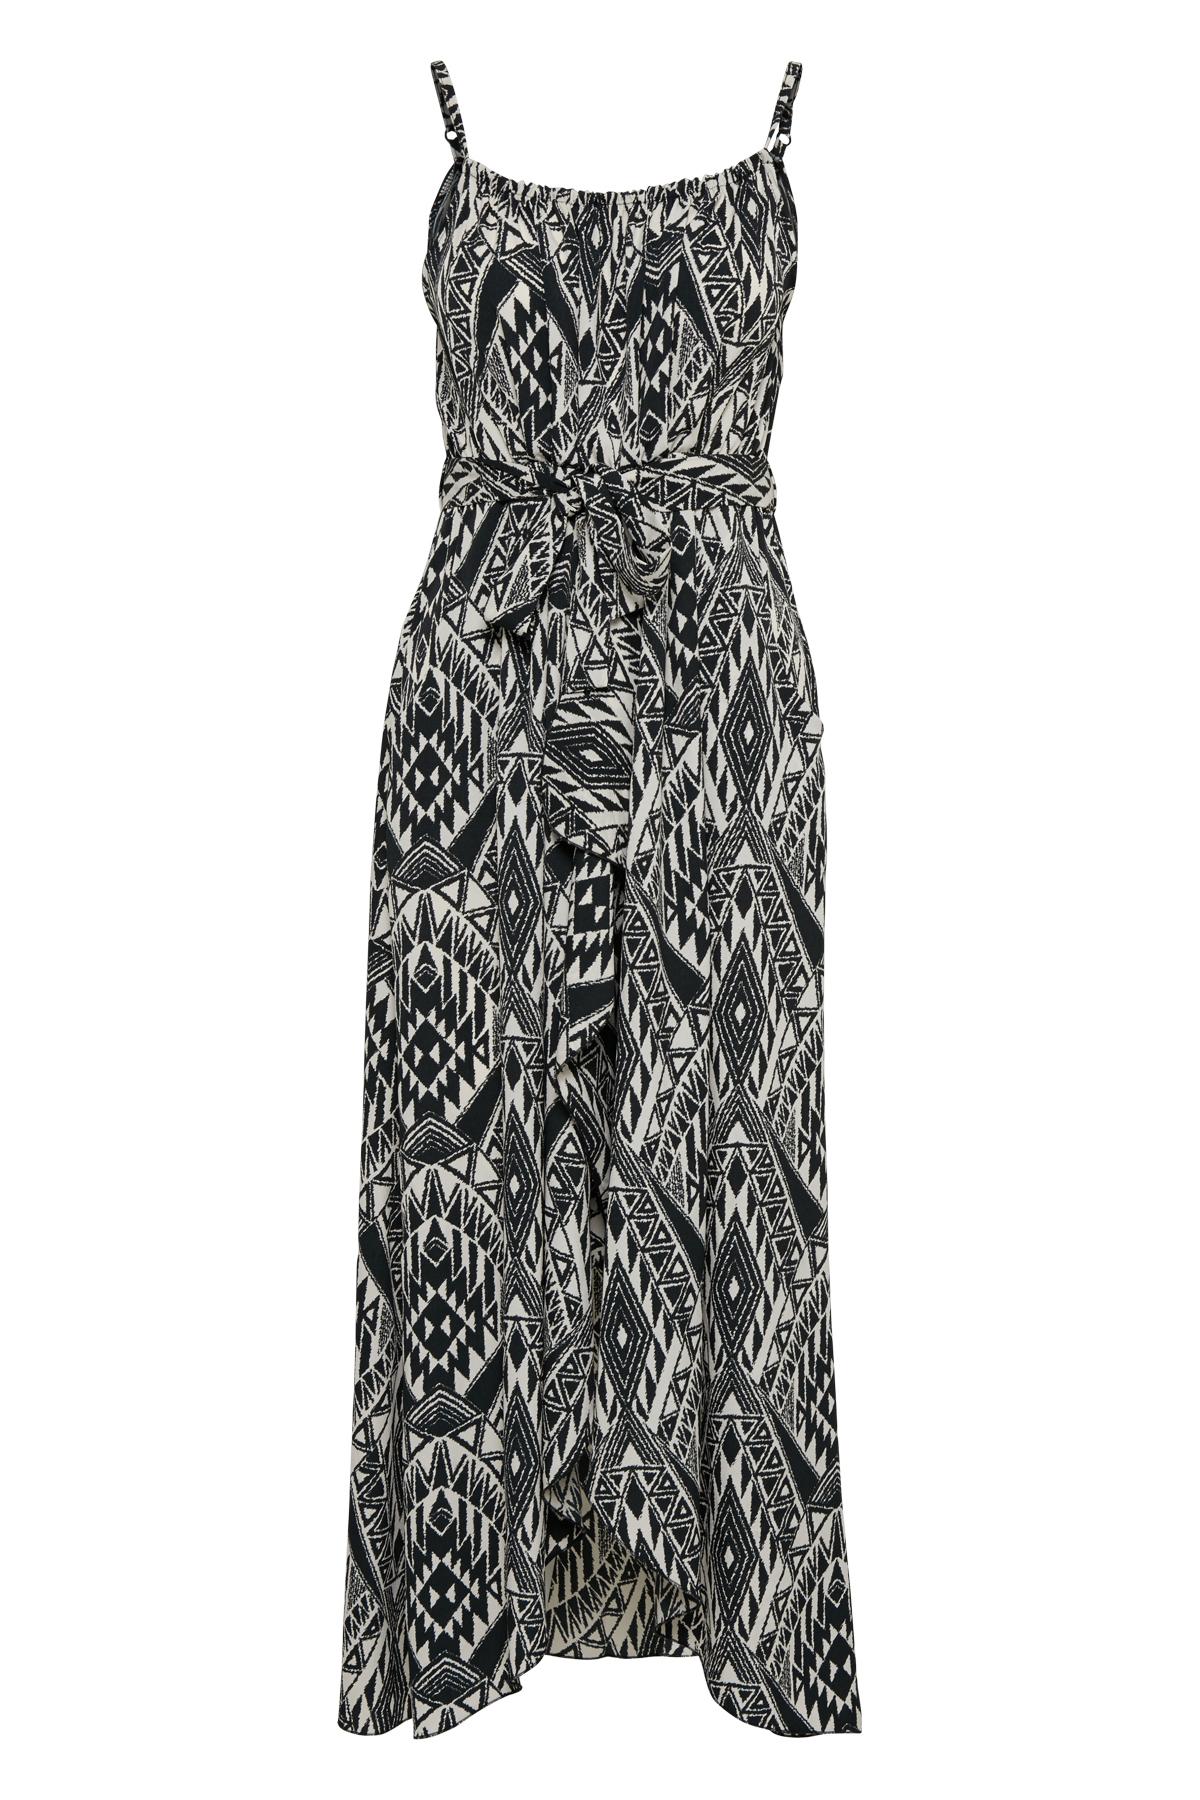 Schwarz/wollweiß Kleid von Bon'A Parte – Shoppen Sie Schwarz/wollweiß Kleid ab Gr. S-2XL hier